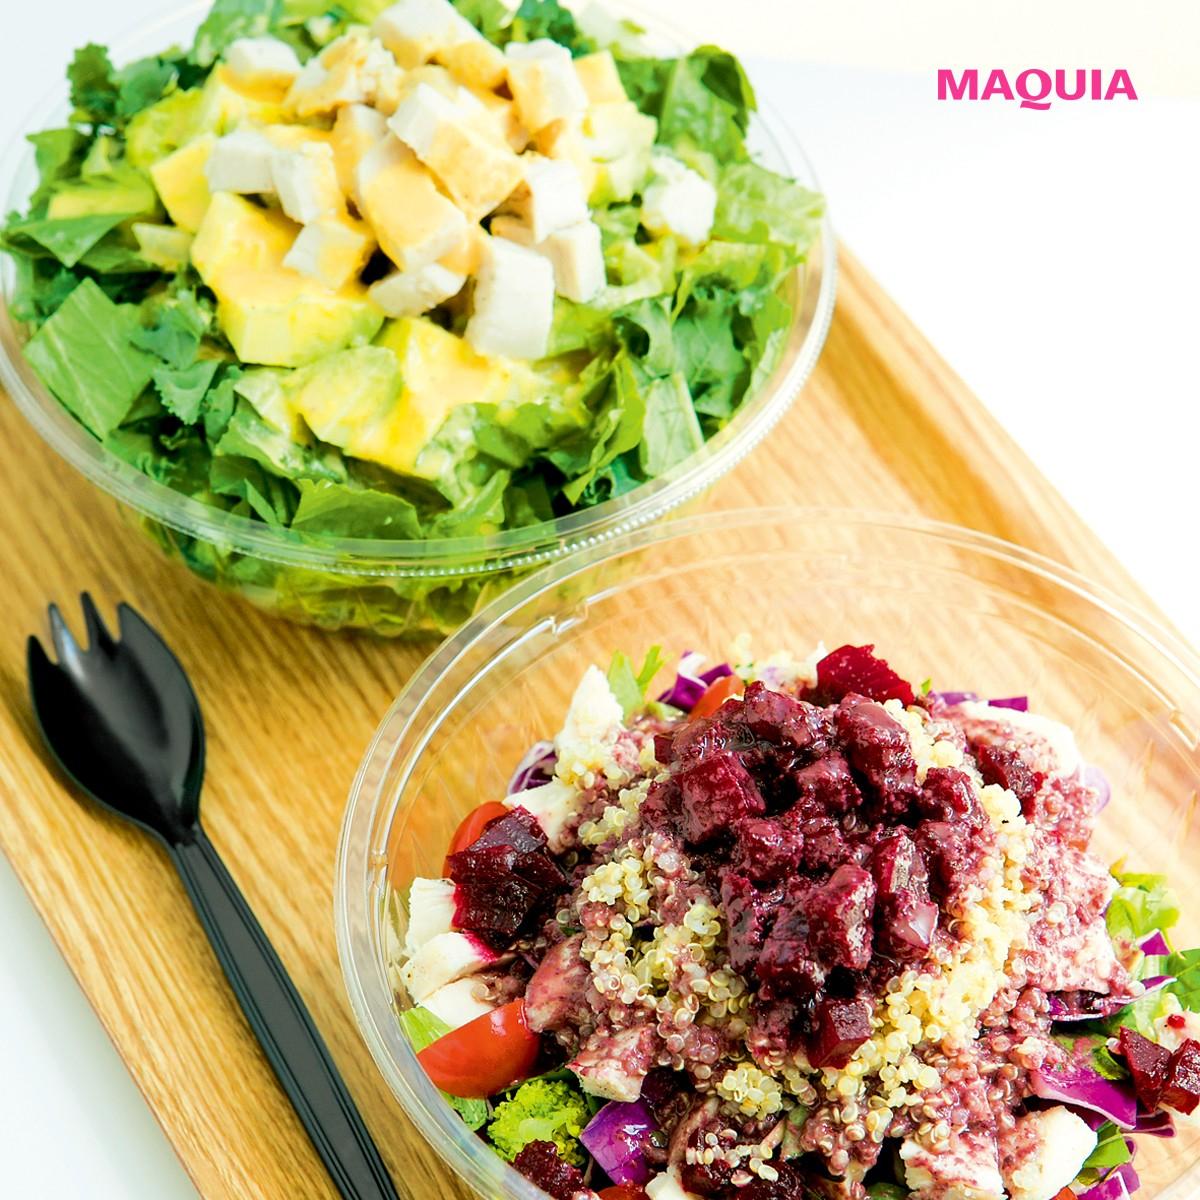 キレイ&満腹になれるチョップドサラダのお店「代官山サラダ」へGO!